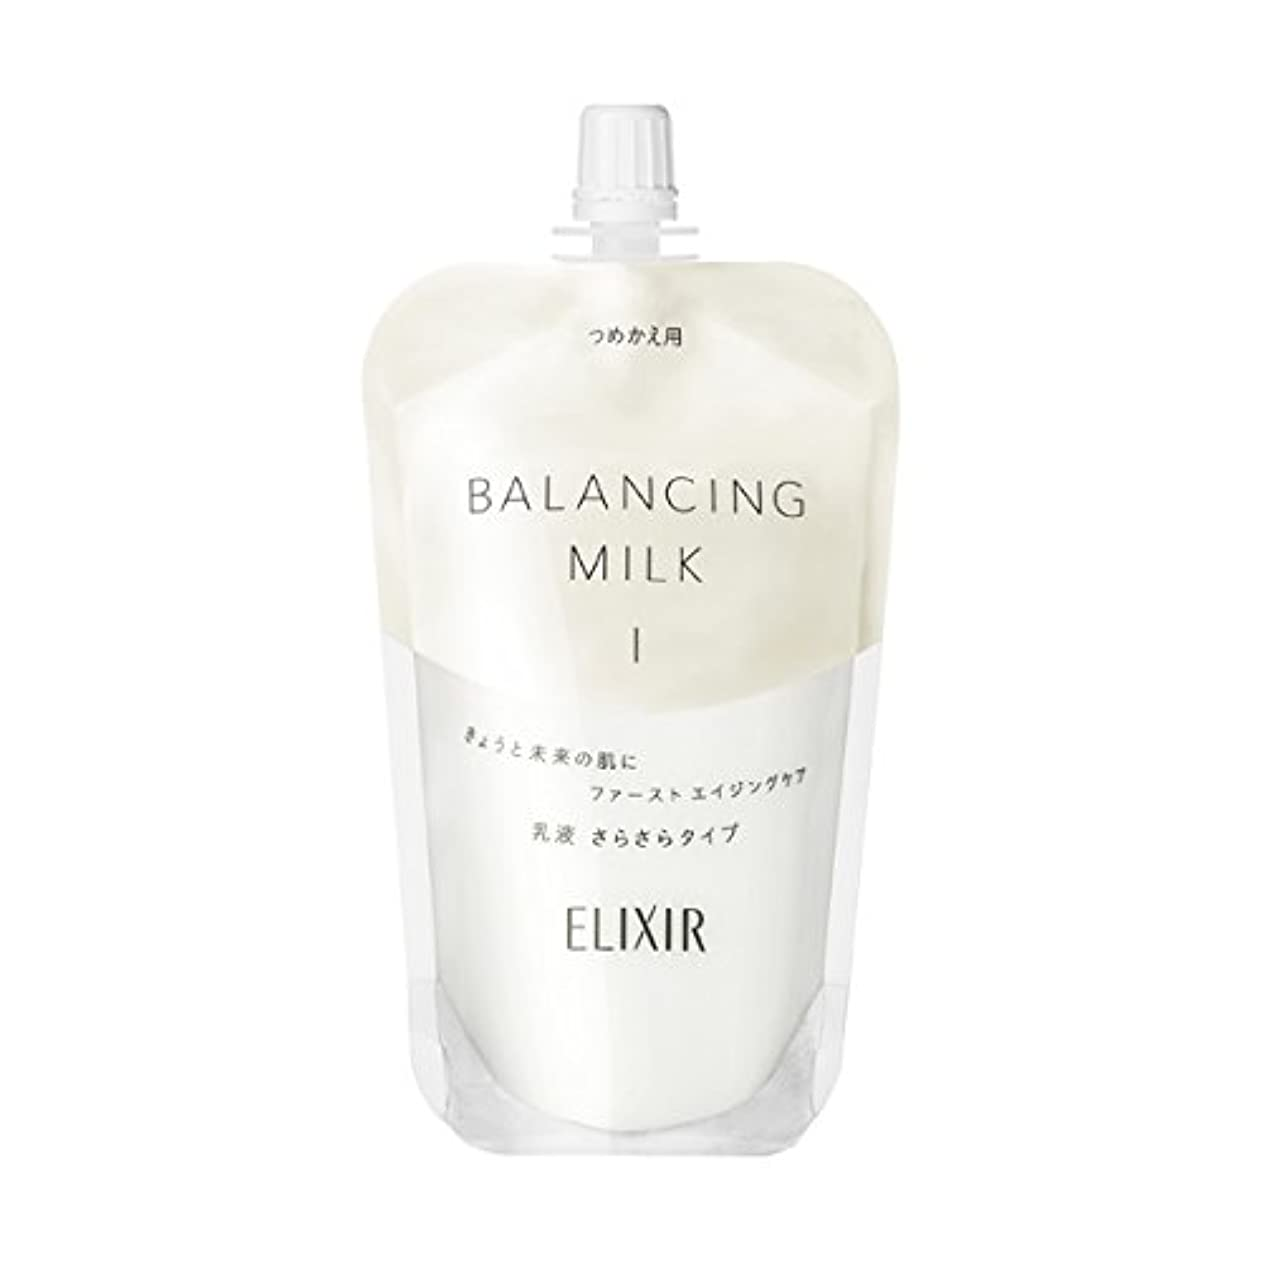 犯す抜本的な役職エリクシール ルフレ バランシング ミルク 乳液 1 (さらさらタイプ) (つめかえ用) 110mL